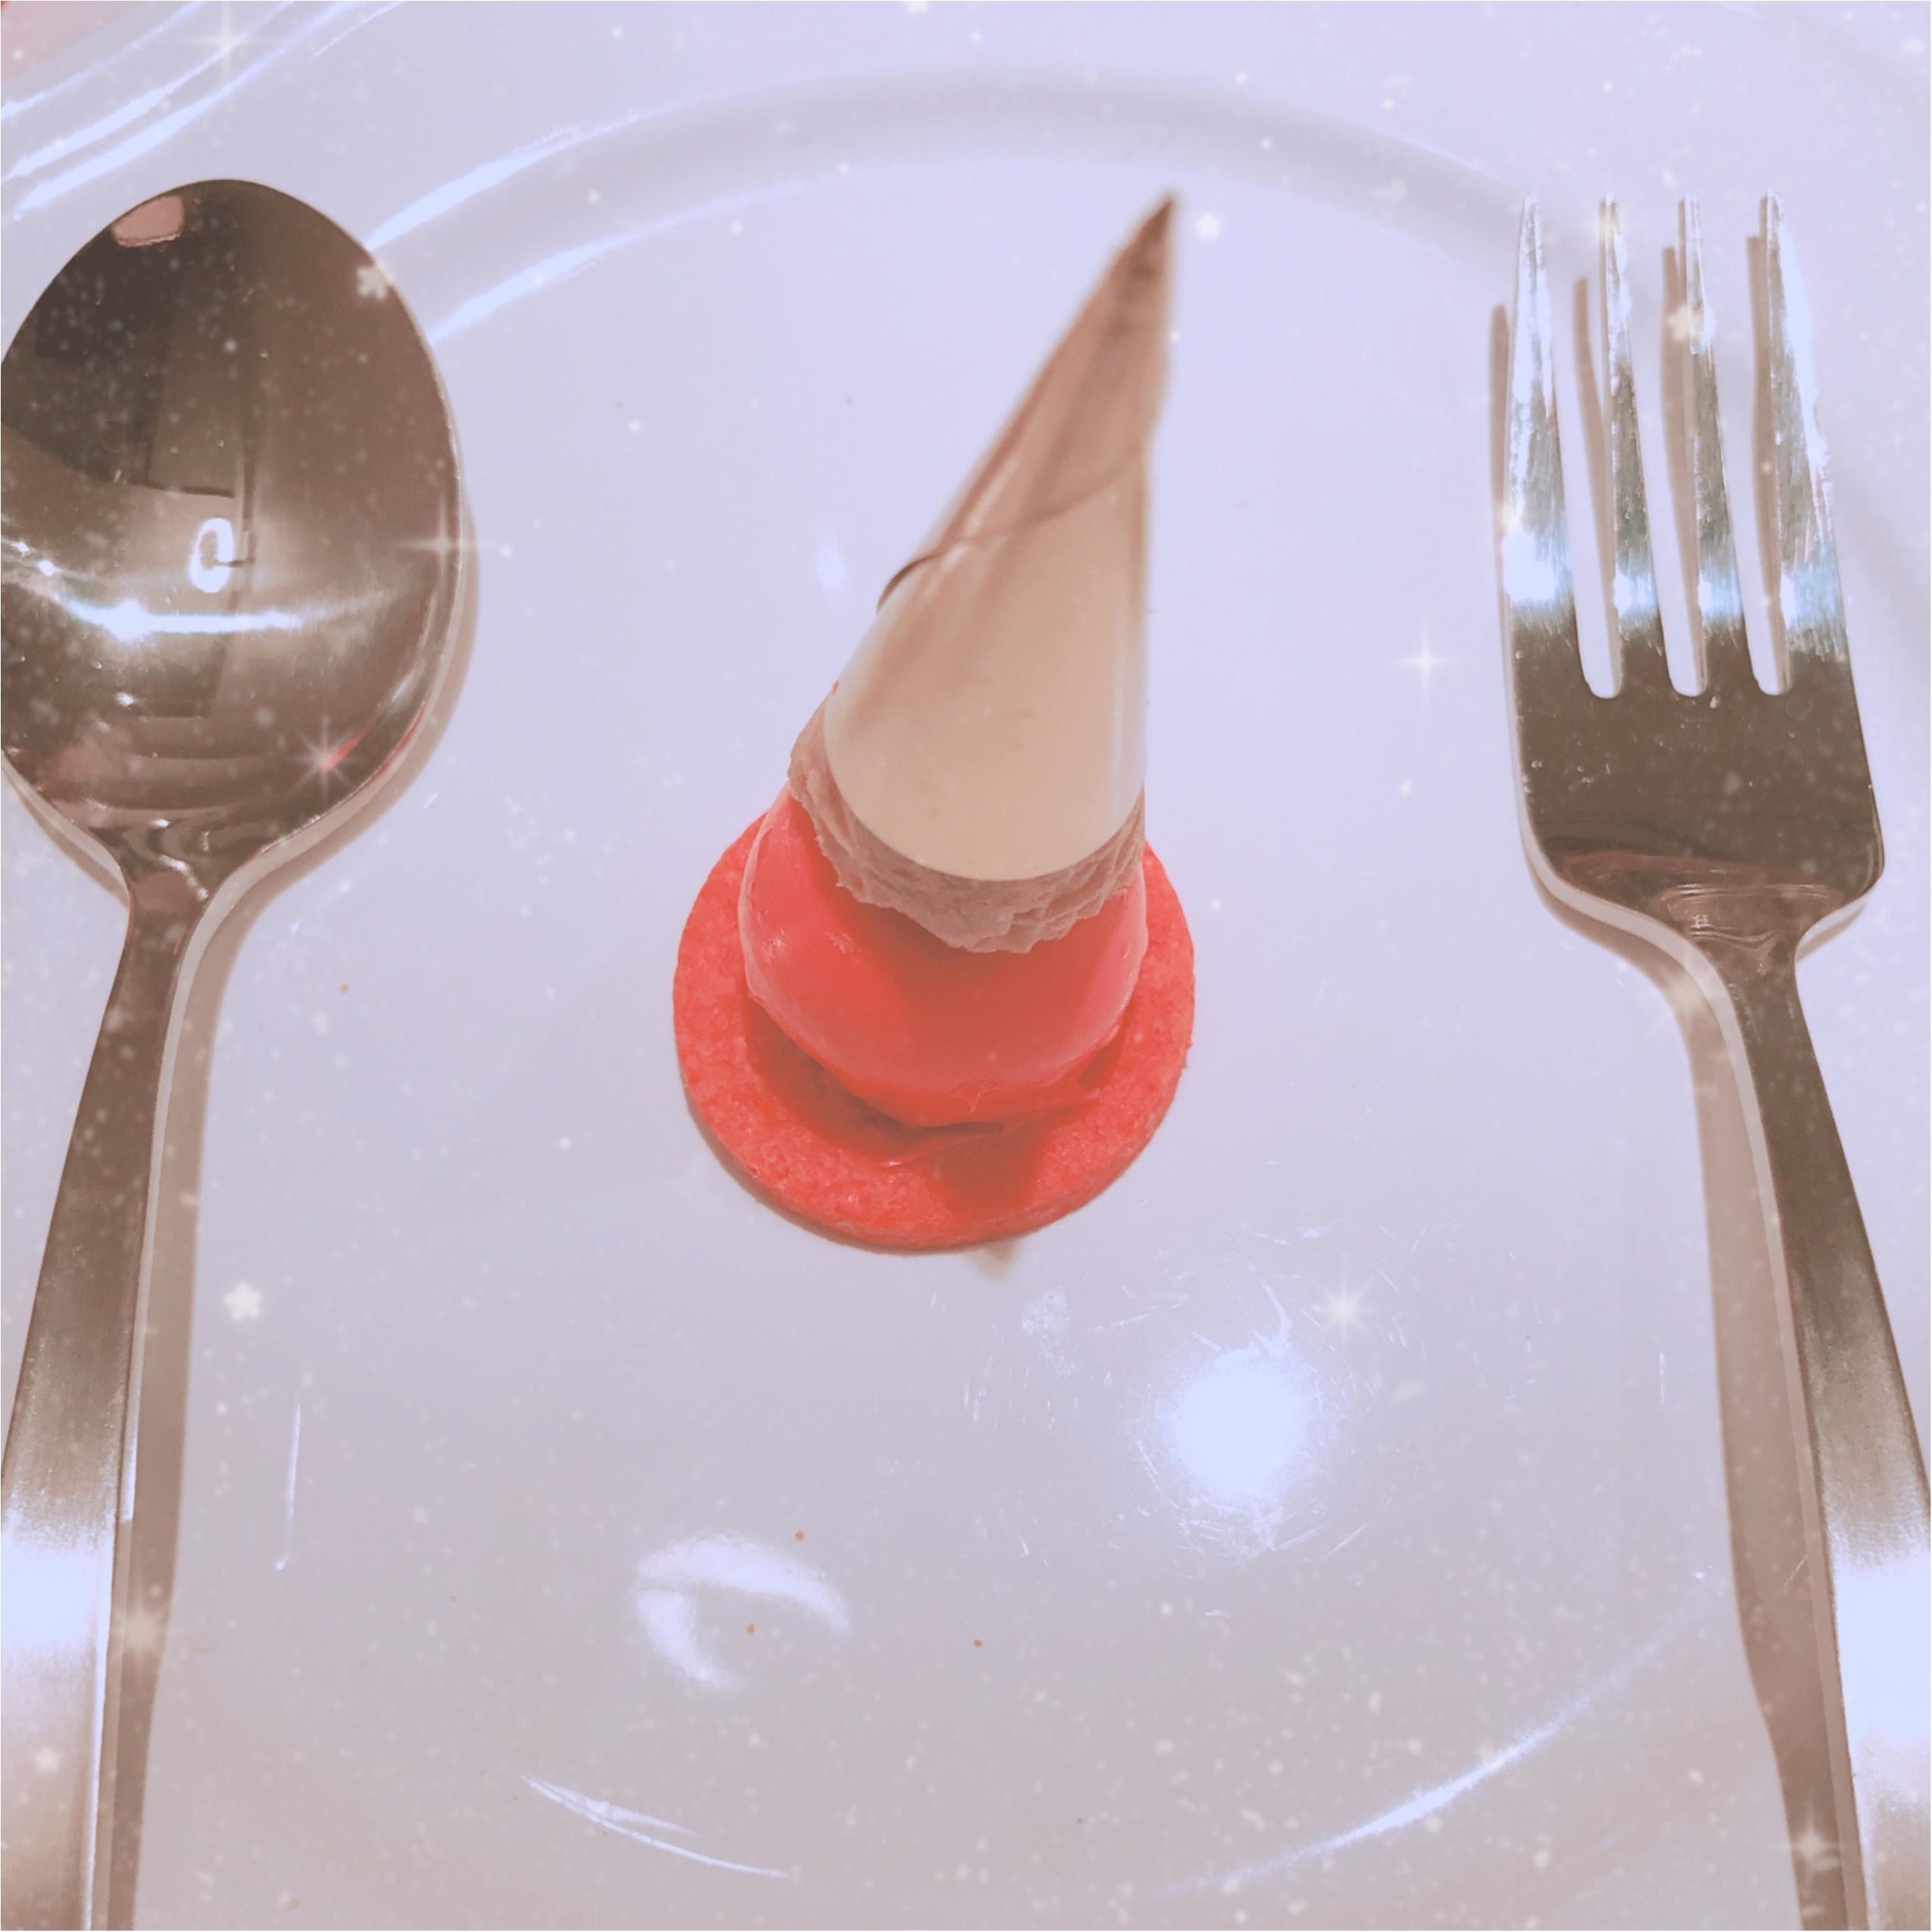 土日祝限定!完全予約制、ジンジャーガーデン青山のピンクアフタヌーンティーが可愛すぎる!_8